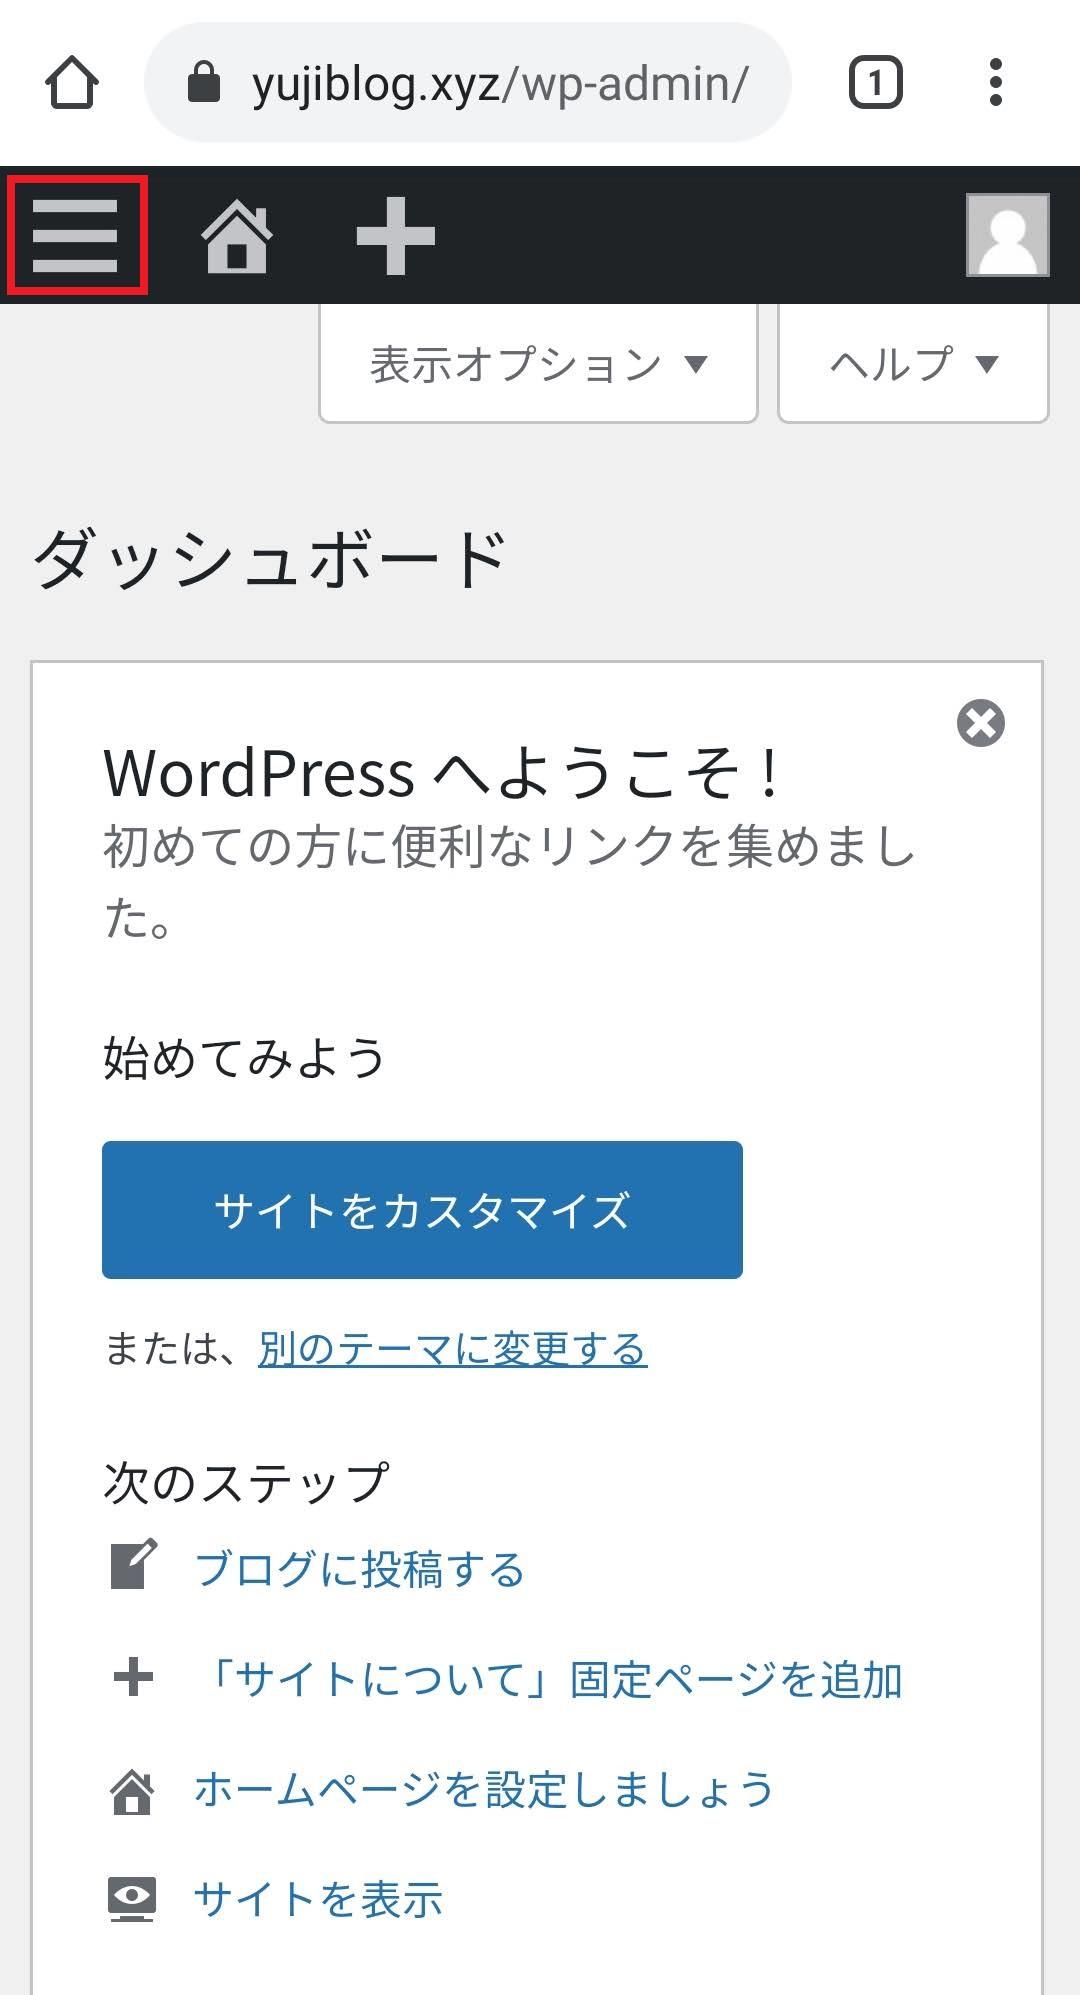 スマホでWordPressブラウザ版を使う方法